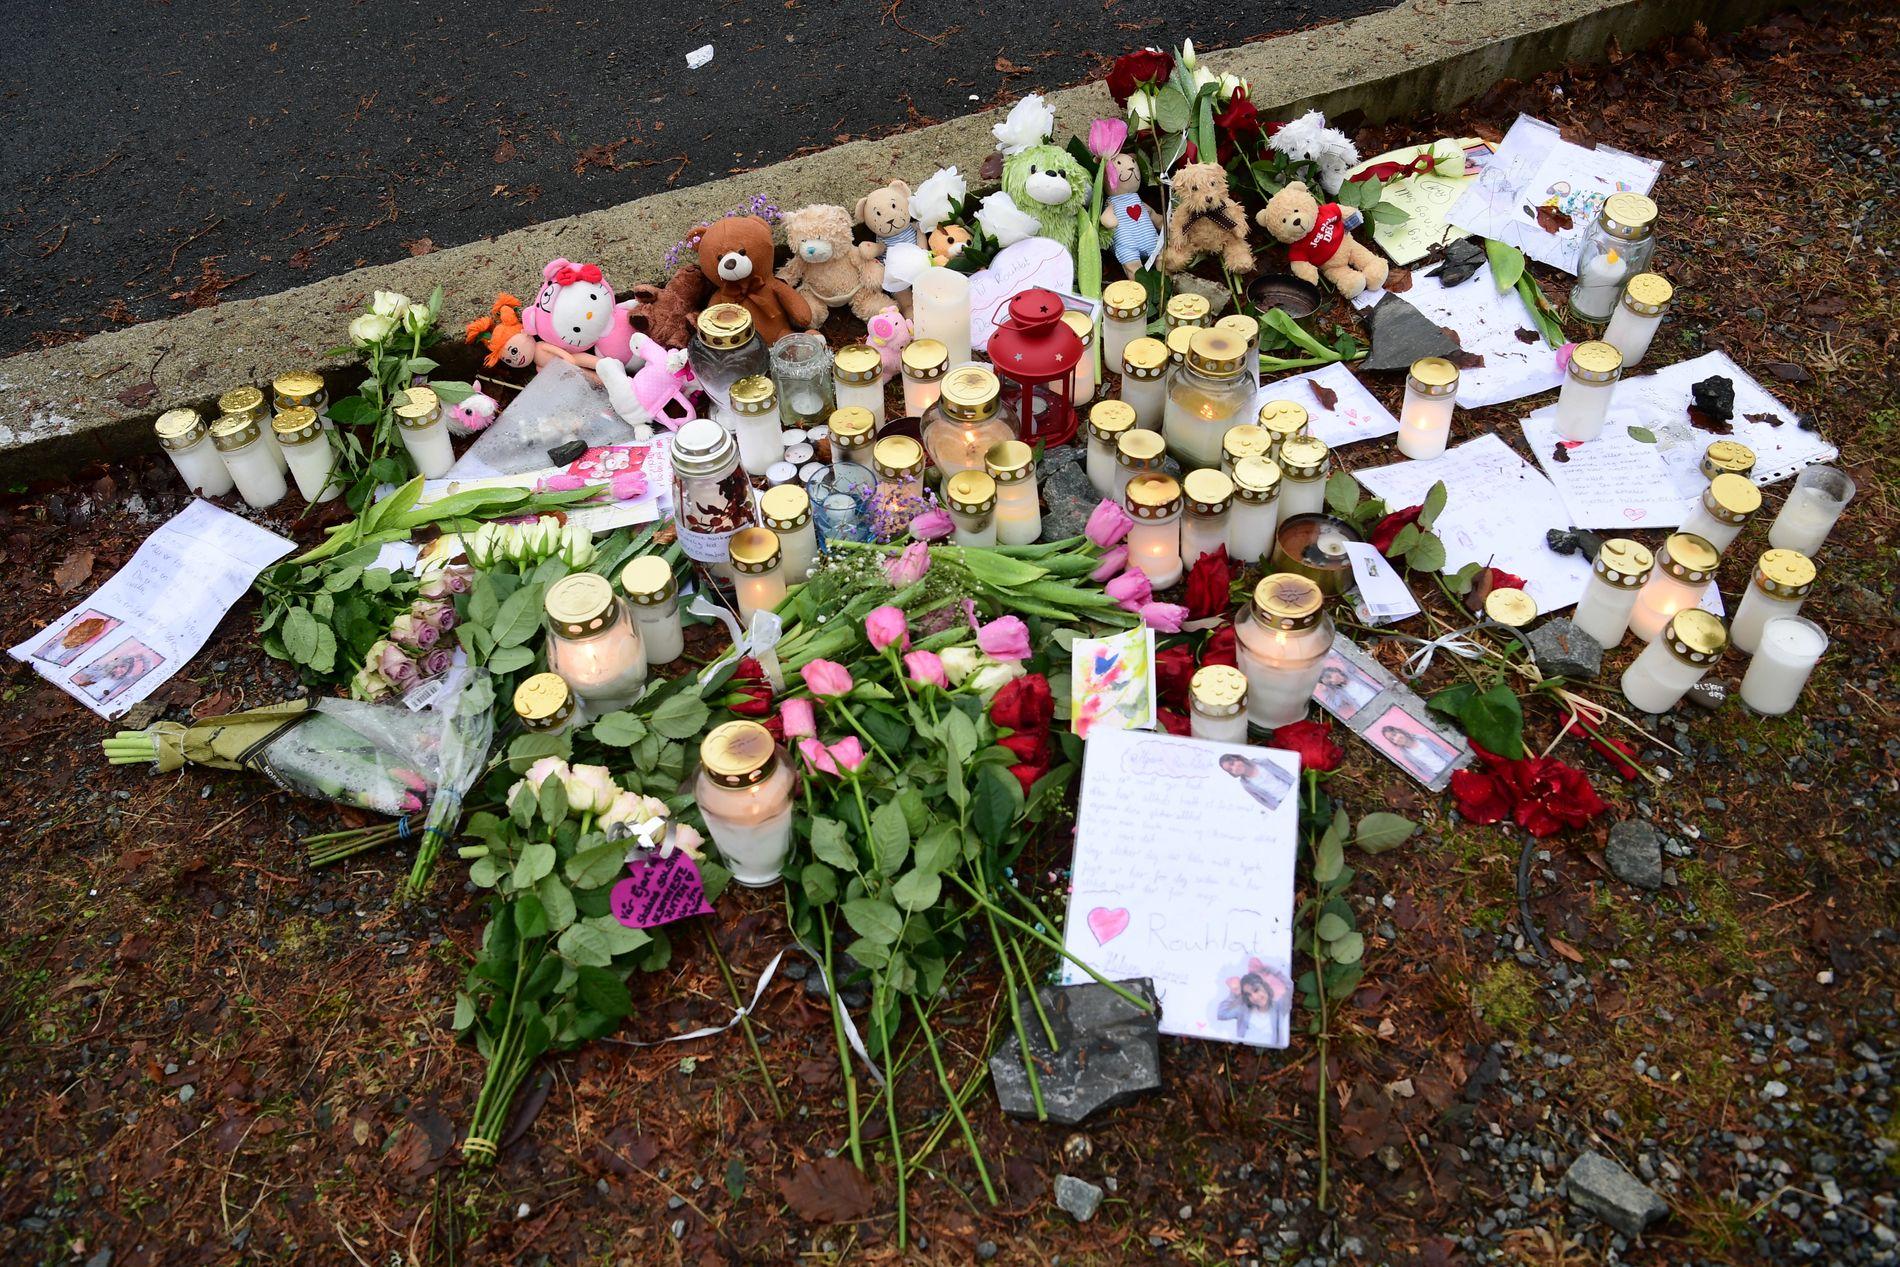 HILSENER: Tente lys, blomster og hilsener utenfor huset der en brann lørdag kostet fire mennesker livet.